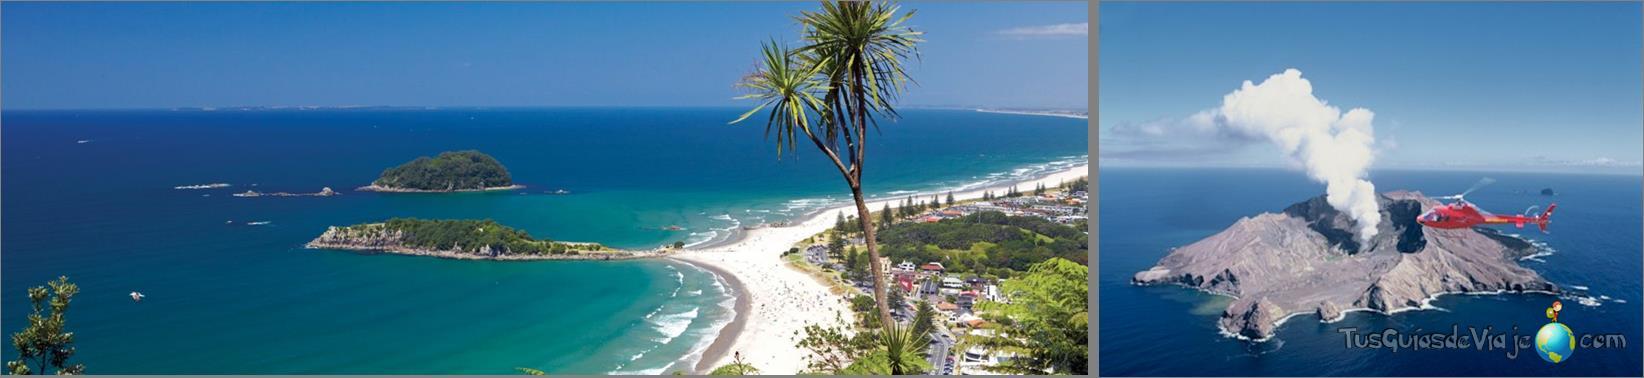 playas y volcán en la bahía de la abundancia y en la isla white